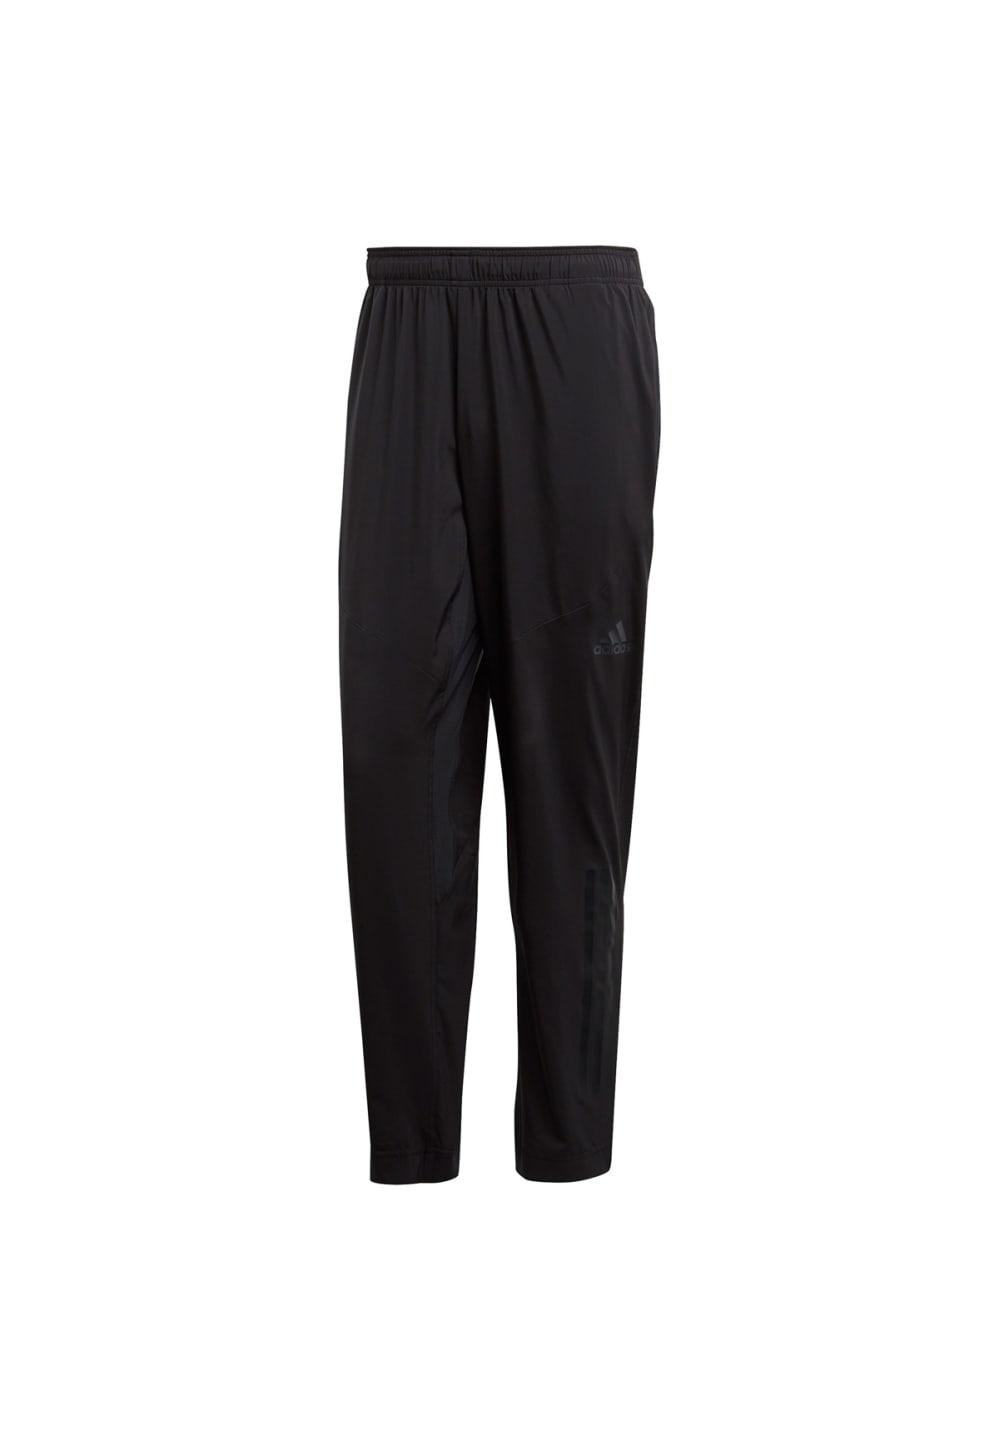 adidas Workout Pant Climacool Woven - Fitnesshosen für Herren - Schwarz